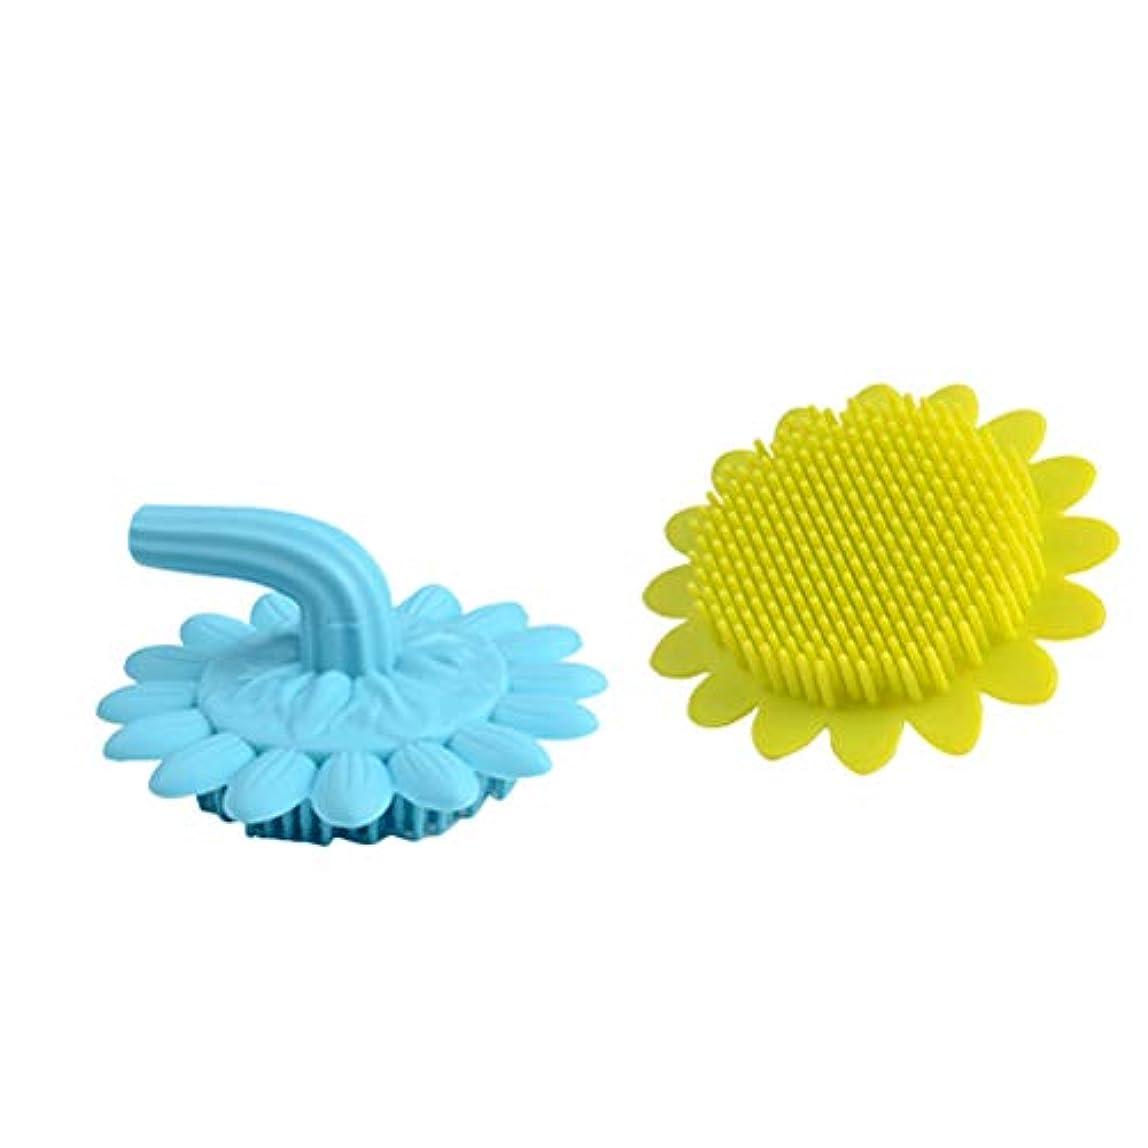 不確実レンチ抜け目のないBeaupretty 2本の赤ちゃん風呂ブラシシリコーンボディブラシ頭皮マッサージブラシ赤ちゃんのためのシャンプーブラシ(グリーン+ブルー)